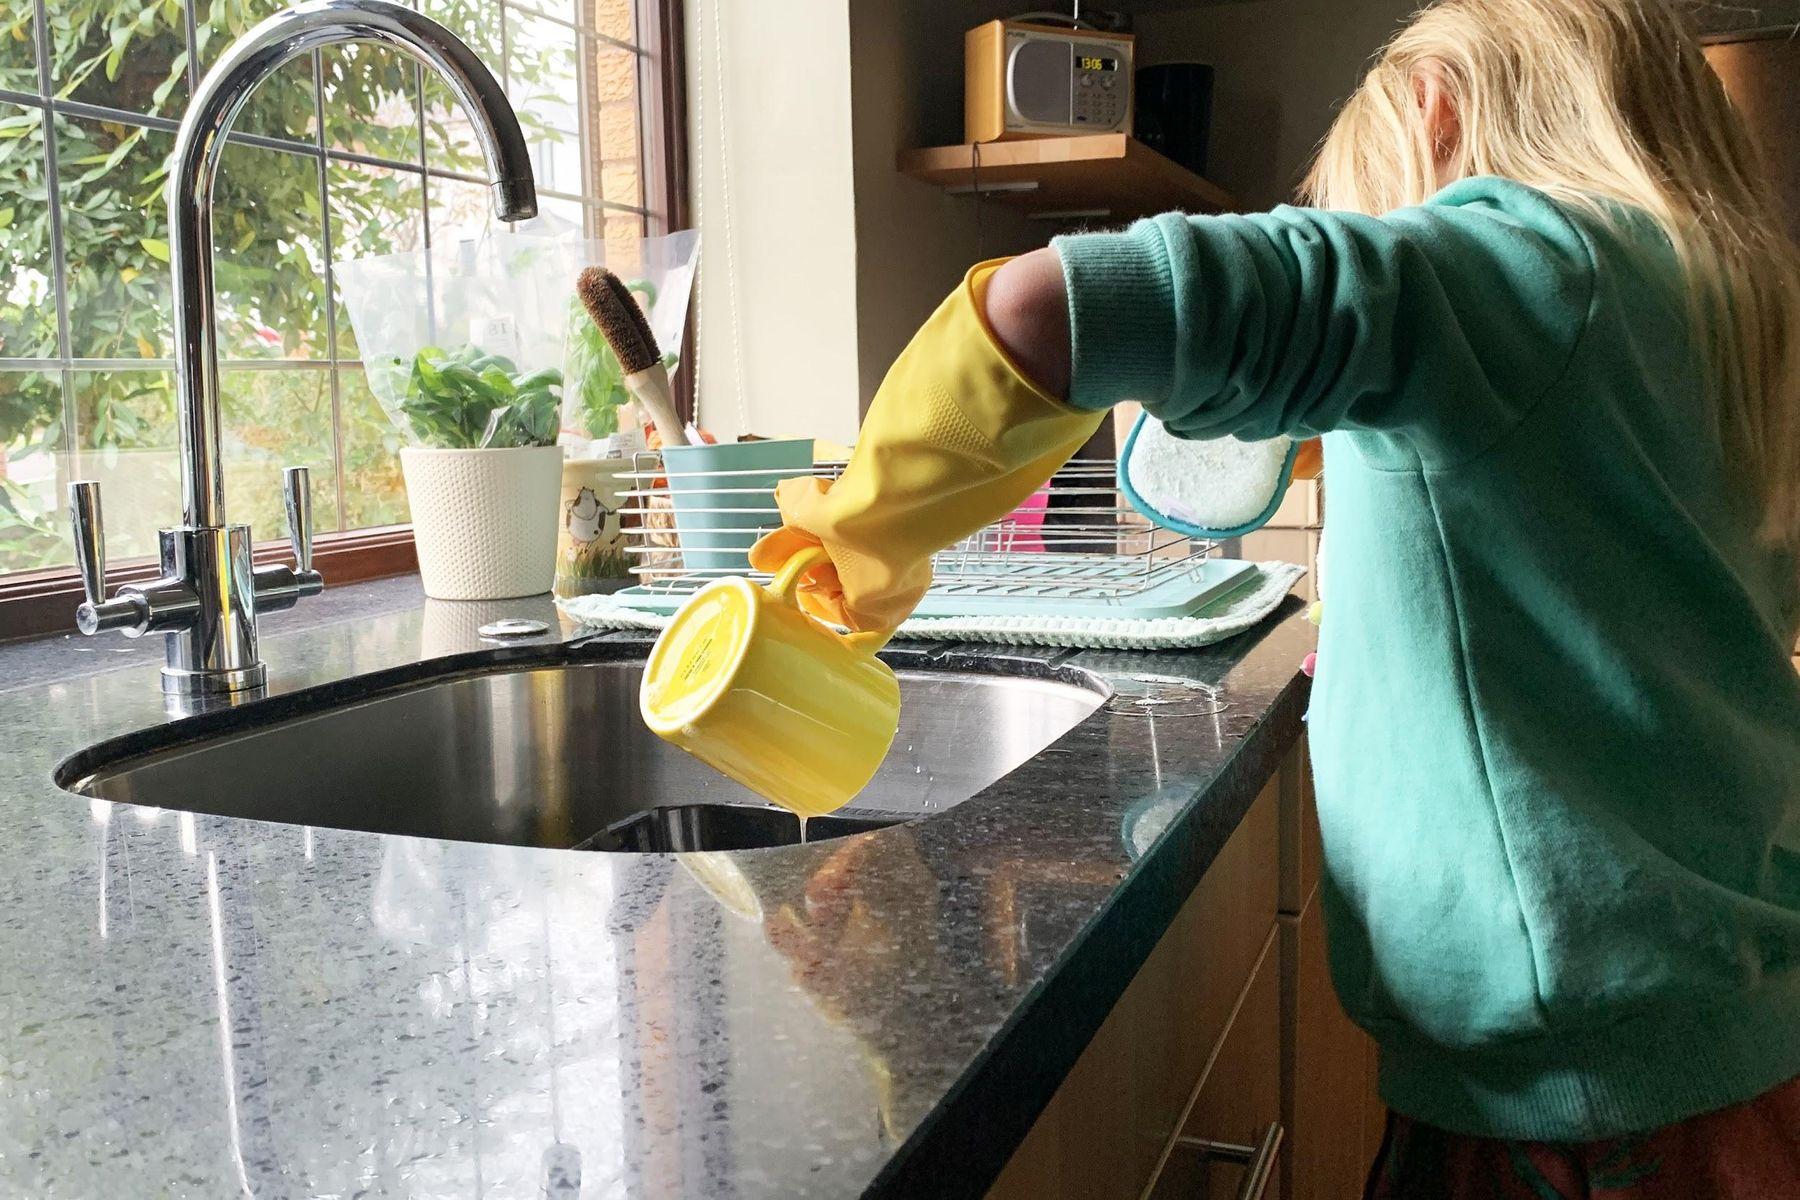 Criança lava caneca amarela na pia da cozinha